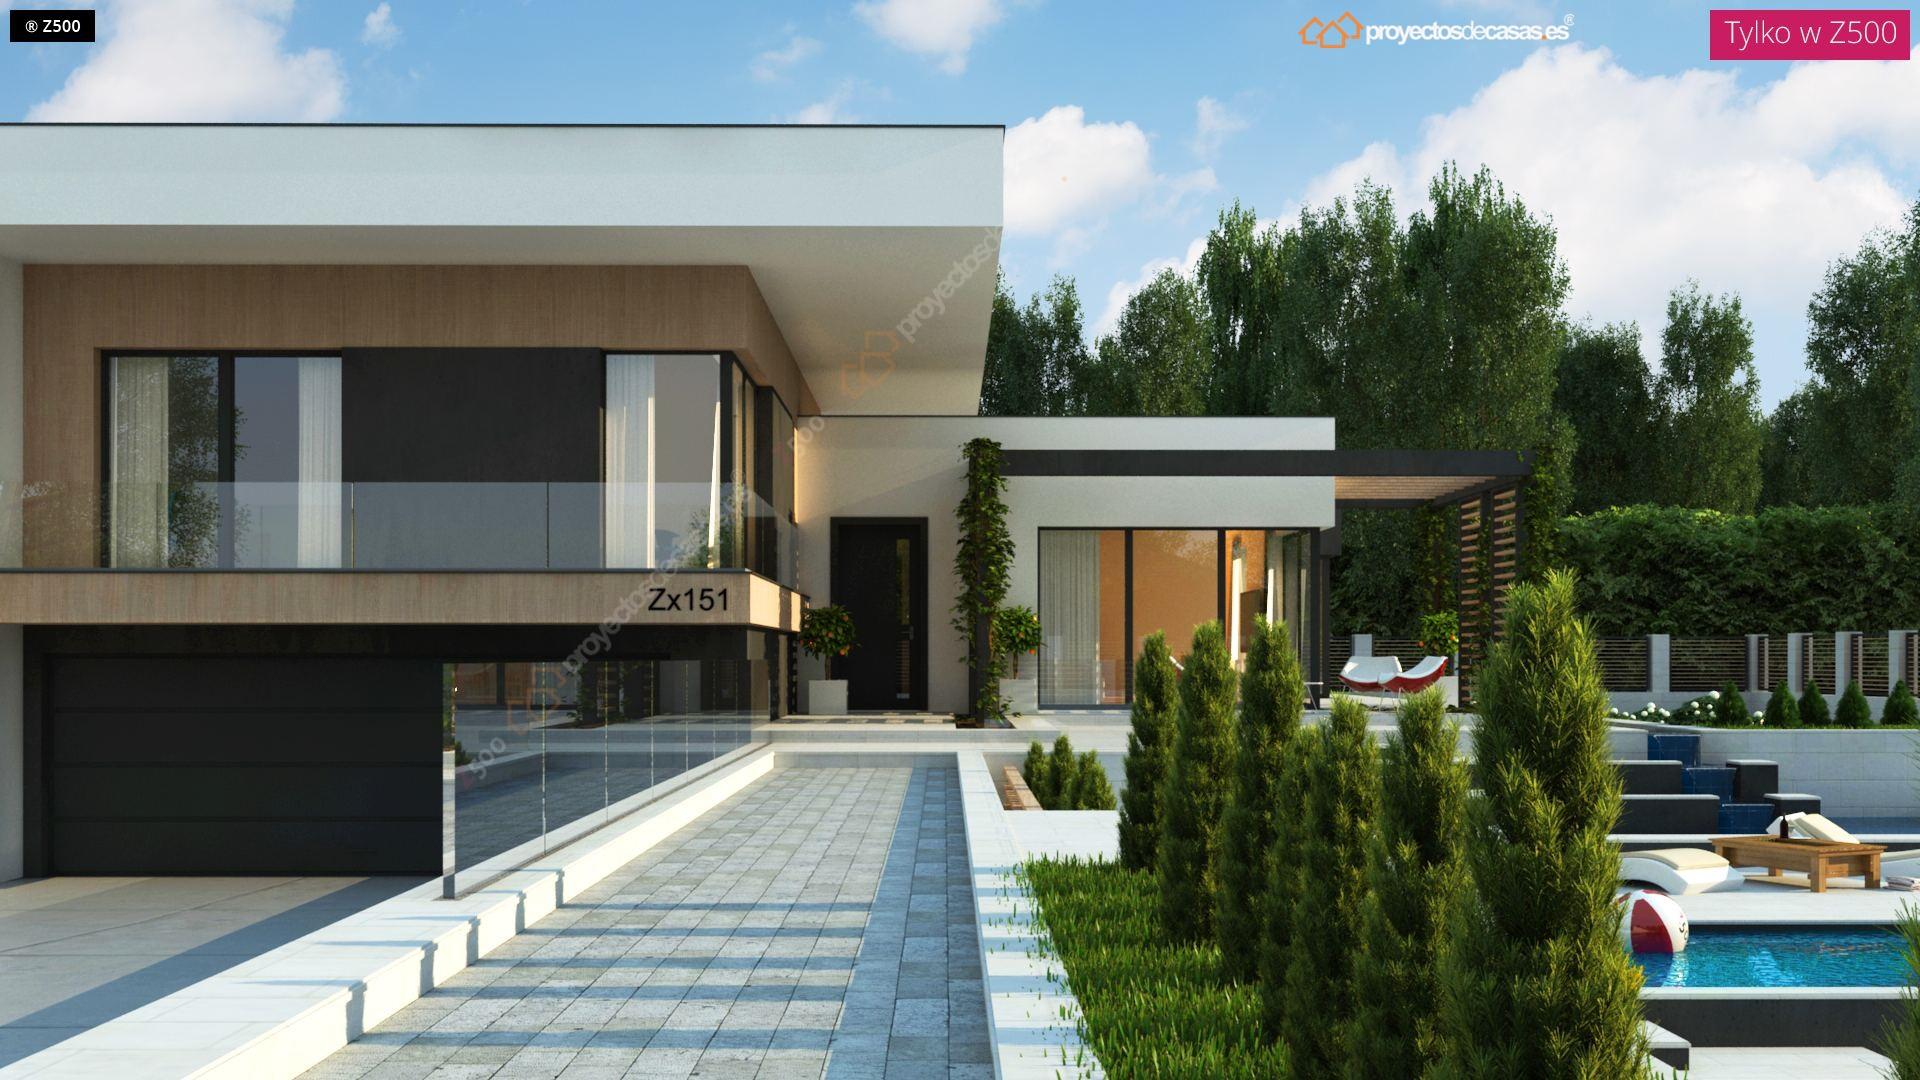 Proyectos de casas casa moderna de 1 planta con piscina for Plano de casa quinta moderna